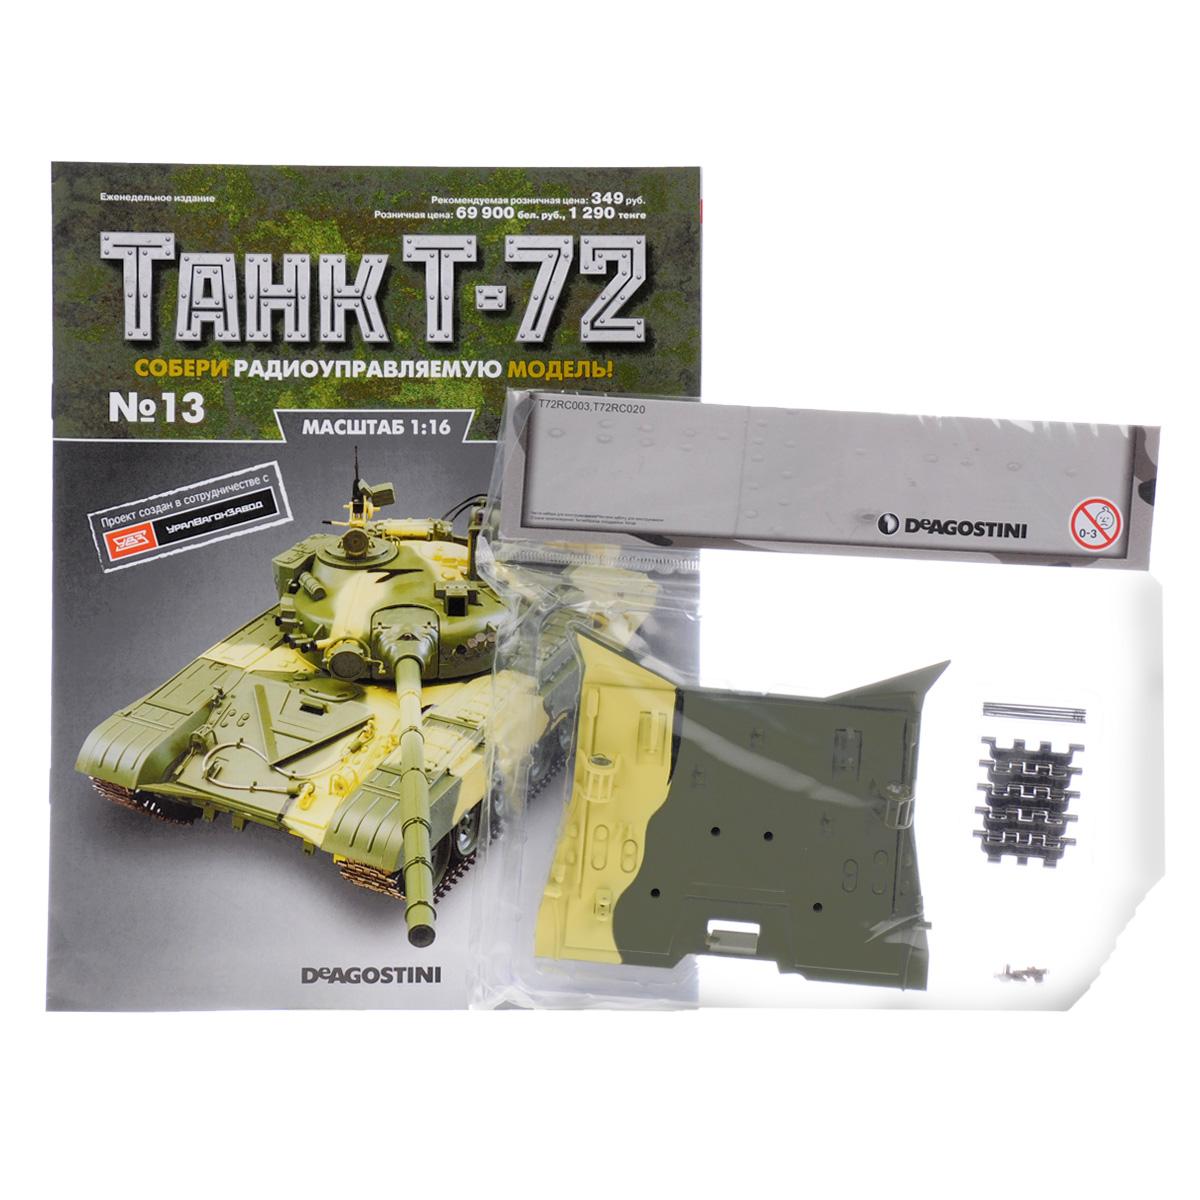 Журнал Танк Т-72 №13TRC013Издательский дом DeAgostini выпустил уникальную серию партворков Танк Т-72 с увлекательной информацией о легендарных боевых машинах и элементами для сборки копии танка Т-72 в уменьшенном варианте 1:16. У вас есть возможность собственноручно создать высококачественную модель этого знаменитого танка с достоверным воспроизведением всех элементов, сохранением функций подлинной боевой машины и дистанционным управлением. Получите удовольствие от пошаговой сборки этой замечательной модели с журнальной серией Танк Т-72 компании ДеАгостини! В комплект входят верхняя лобовая панель, траки, штифты и винты. Категория 16+.